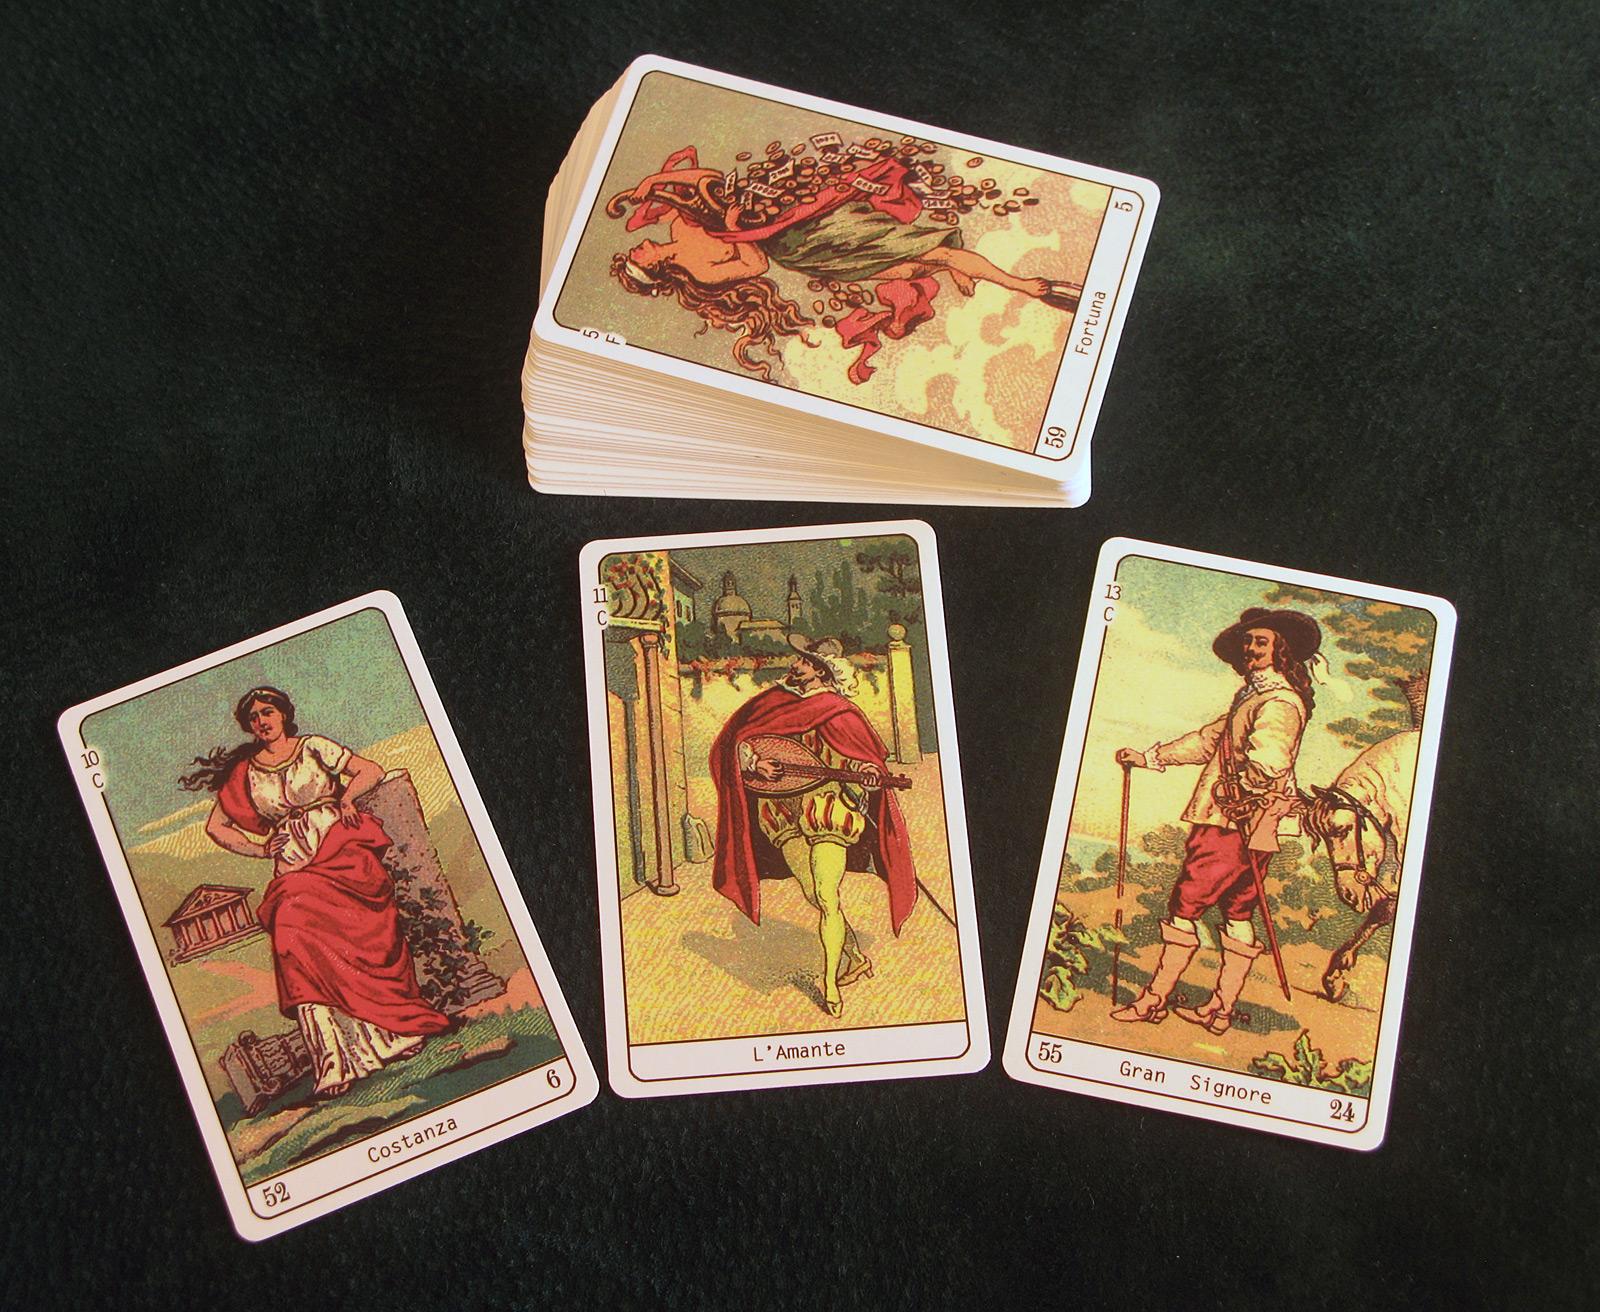 Buy Tarot cards - Sibilla Della Zingara (Gypsy Fortune Telling Oracle)